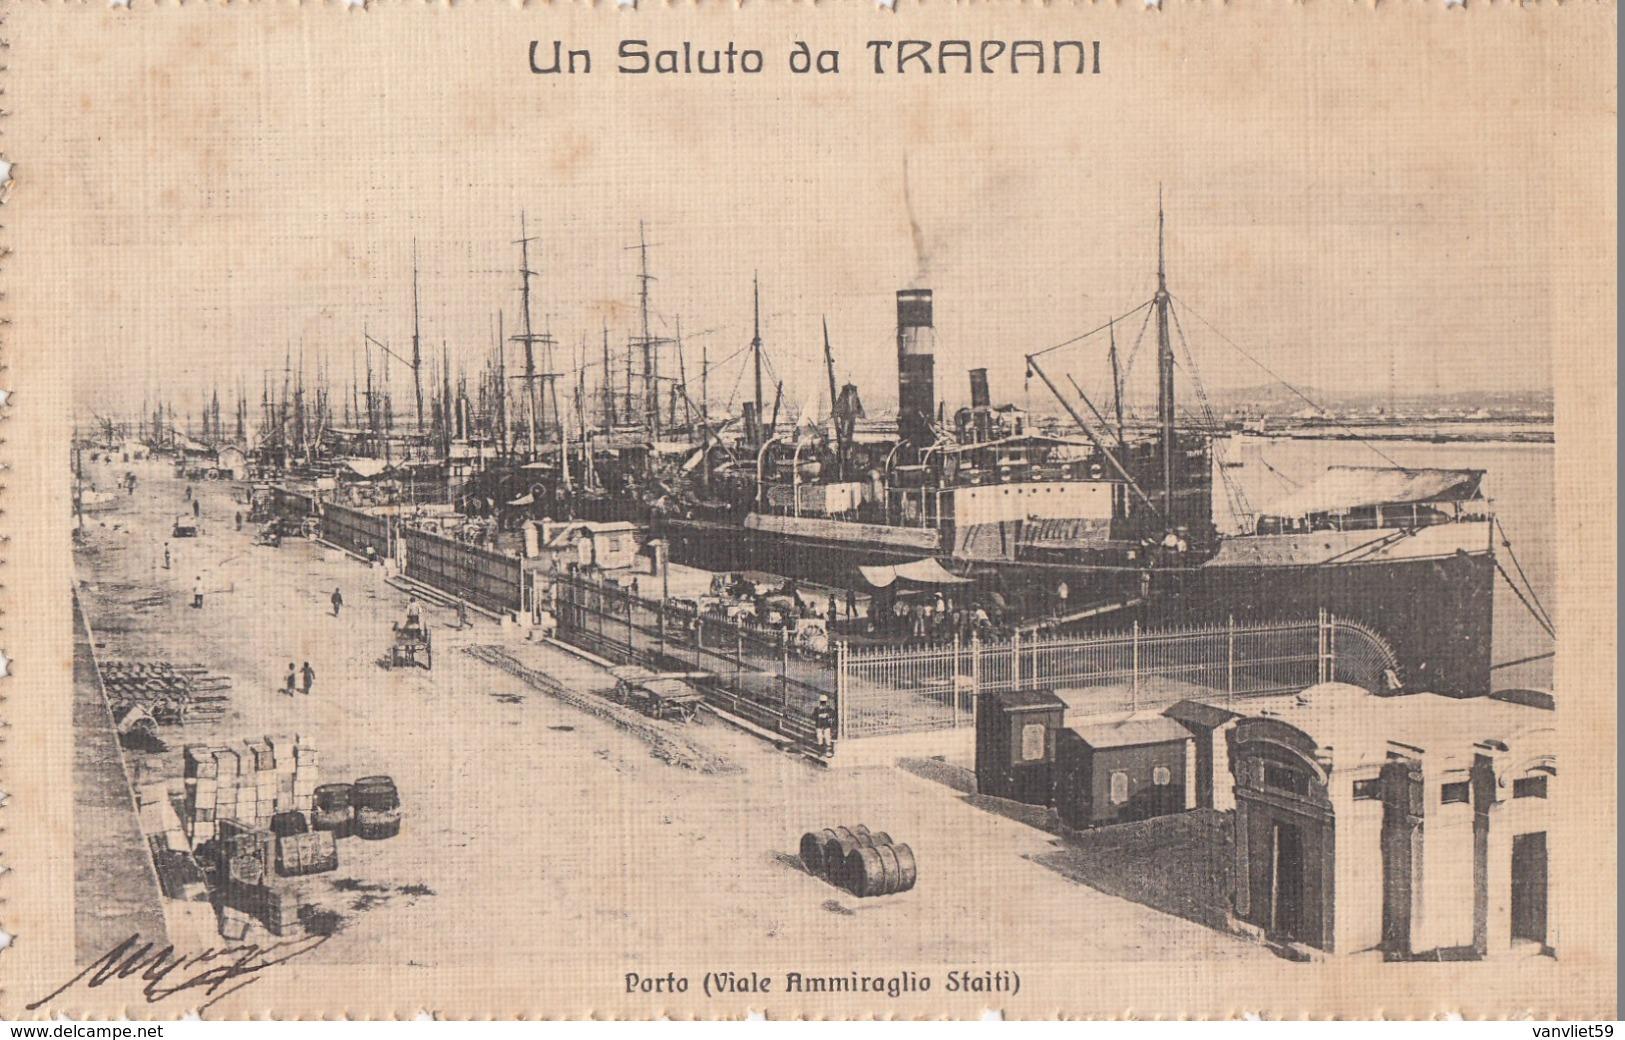 TRAPANI-UN SALUTO.-PORTO VIALE AMMIRAGLIO STAITI-CARTOLINA VIAGGIATA IL 19-7-1919 - Trapani